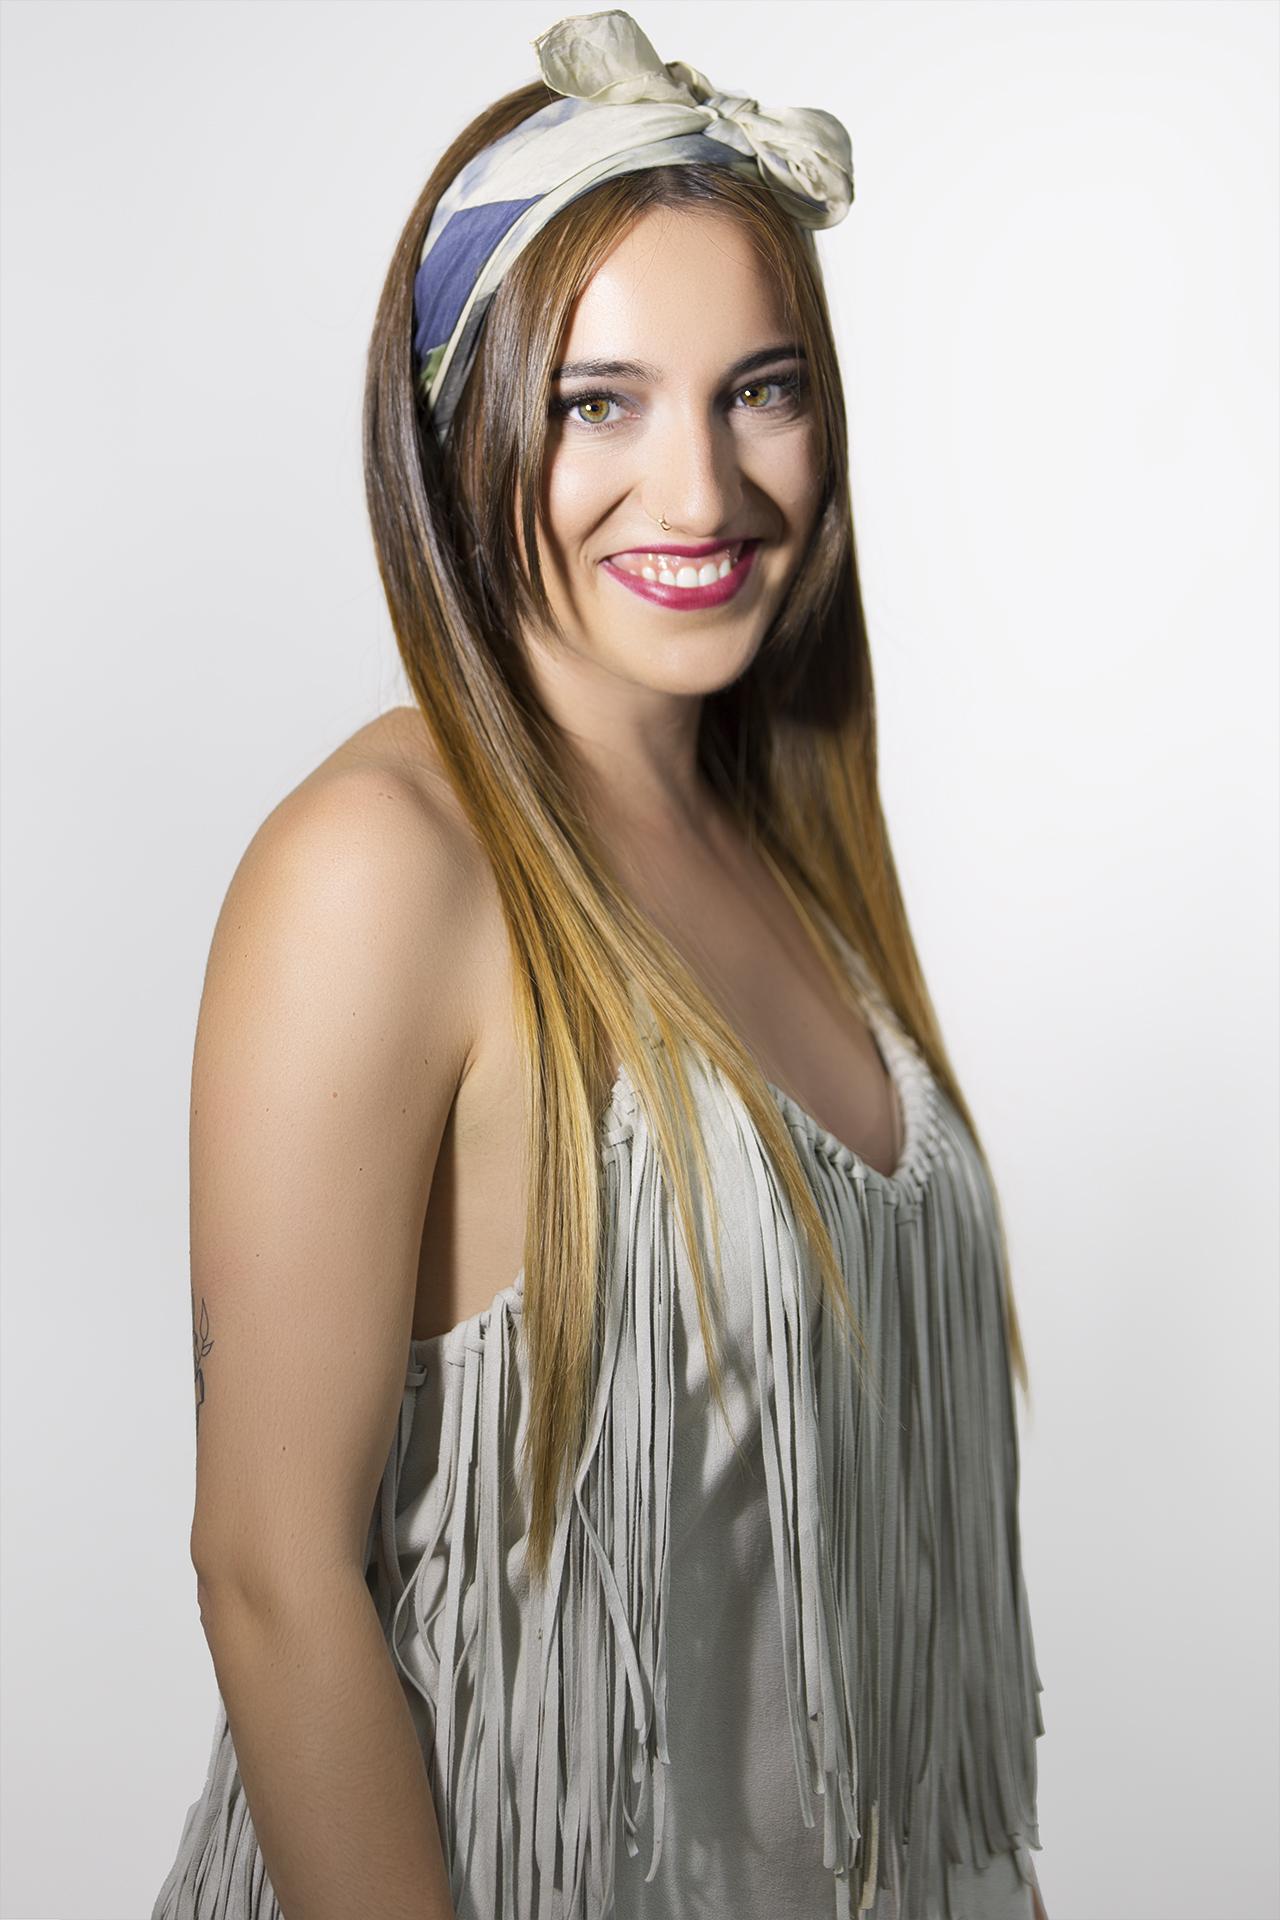 Pañuelo abstracción sobre el cabello de Andrea. Fotografía: Santo Coronado